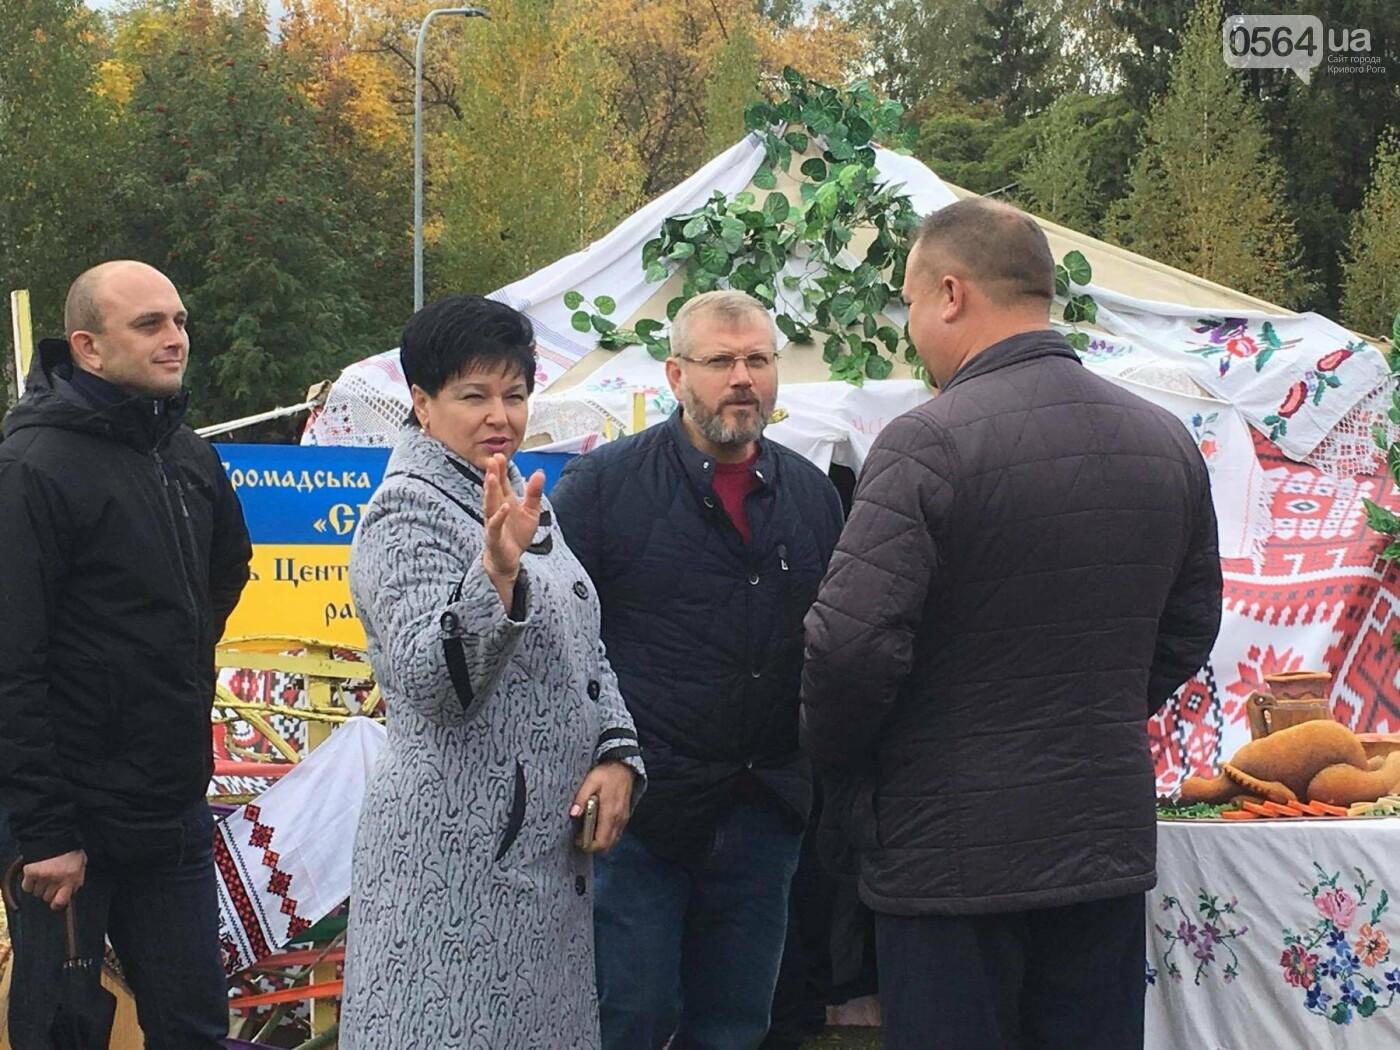 Тысячи криворожан отмечают День украинского козачества на Фестивале в парке Героев (ФОТО, ВИДЕО), фото-4